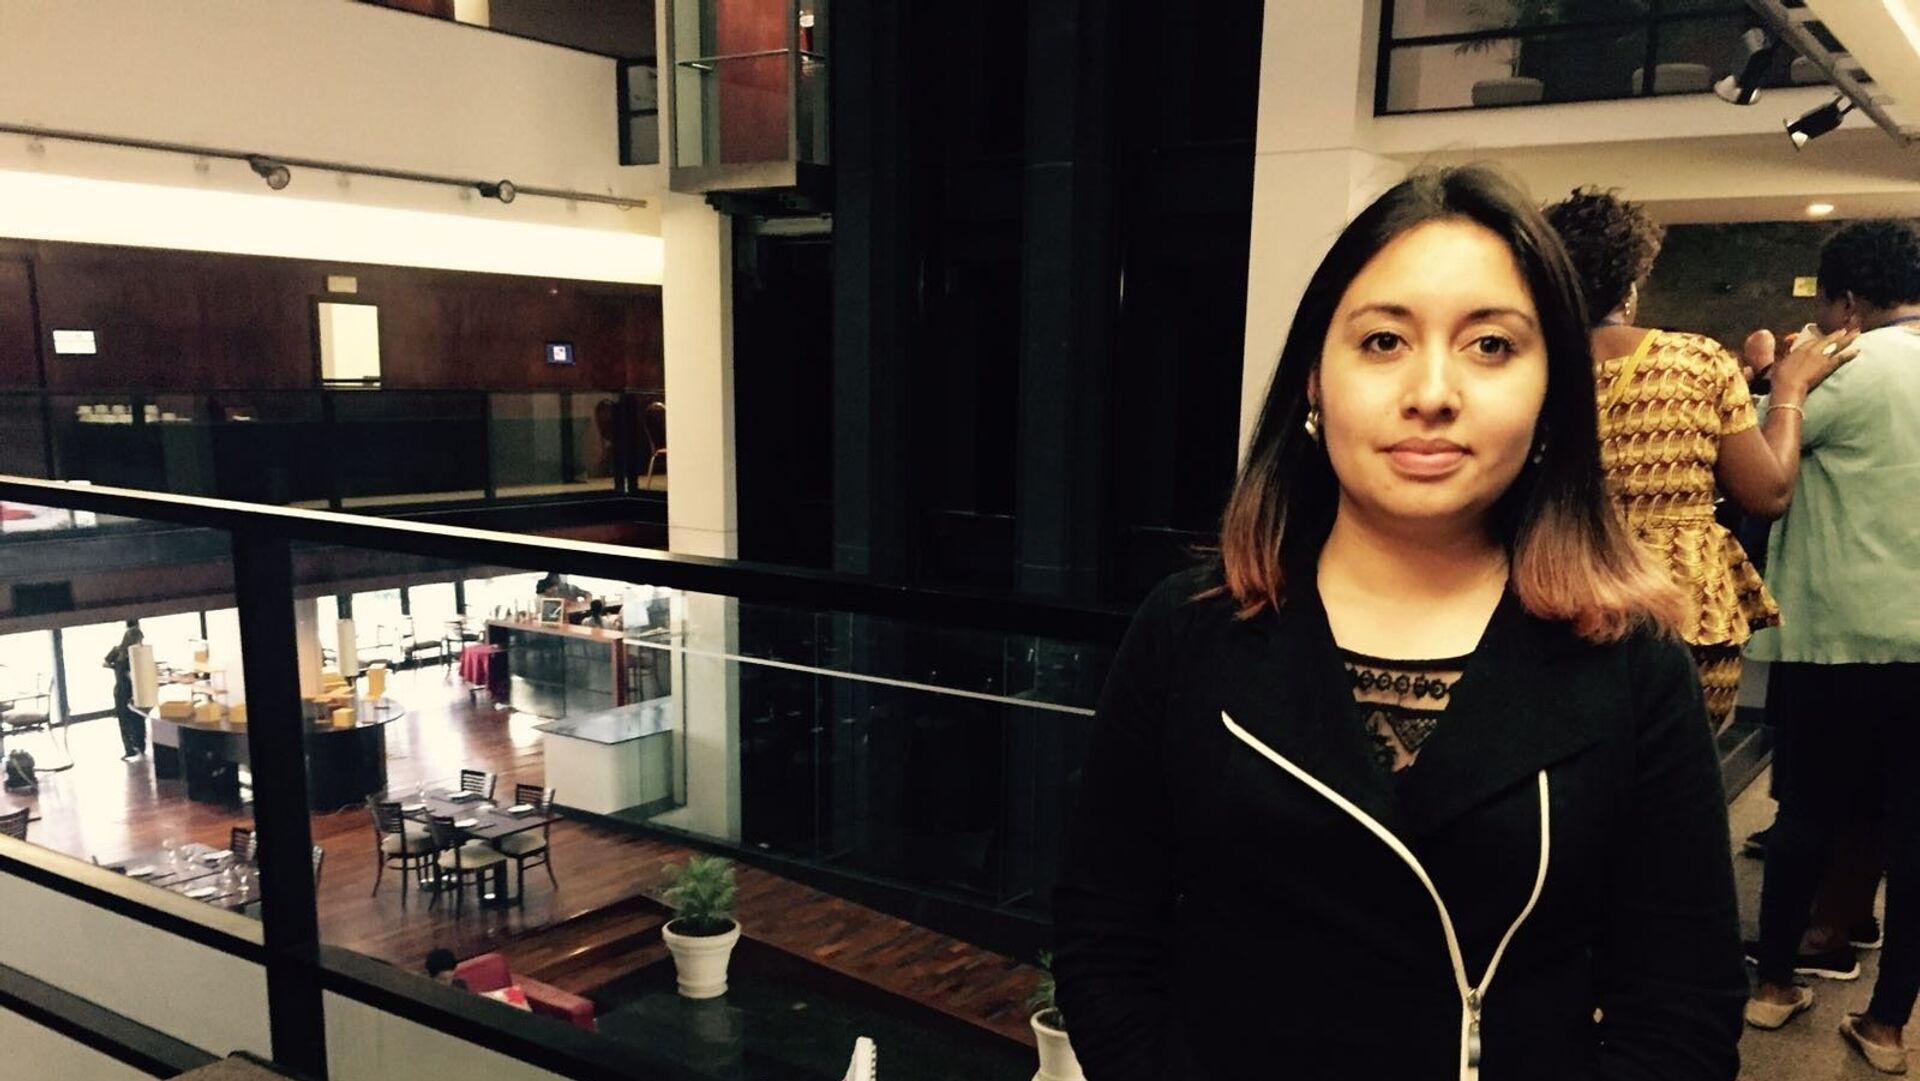 La abogada colombiana Cristina Roserok durante el seminario internacional sobre objeción de conciencia y aborto en Montevideo, agosto de 2017 - Sputnik Mundo, 1920, 04.08.2017